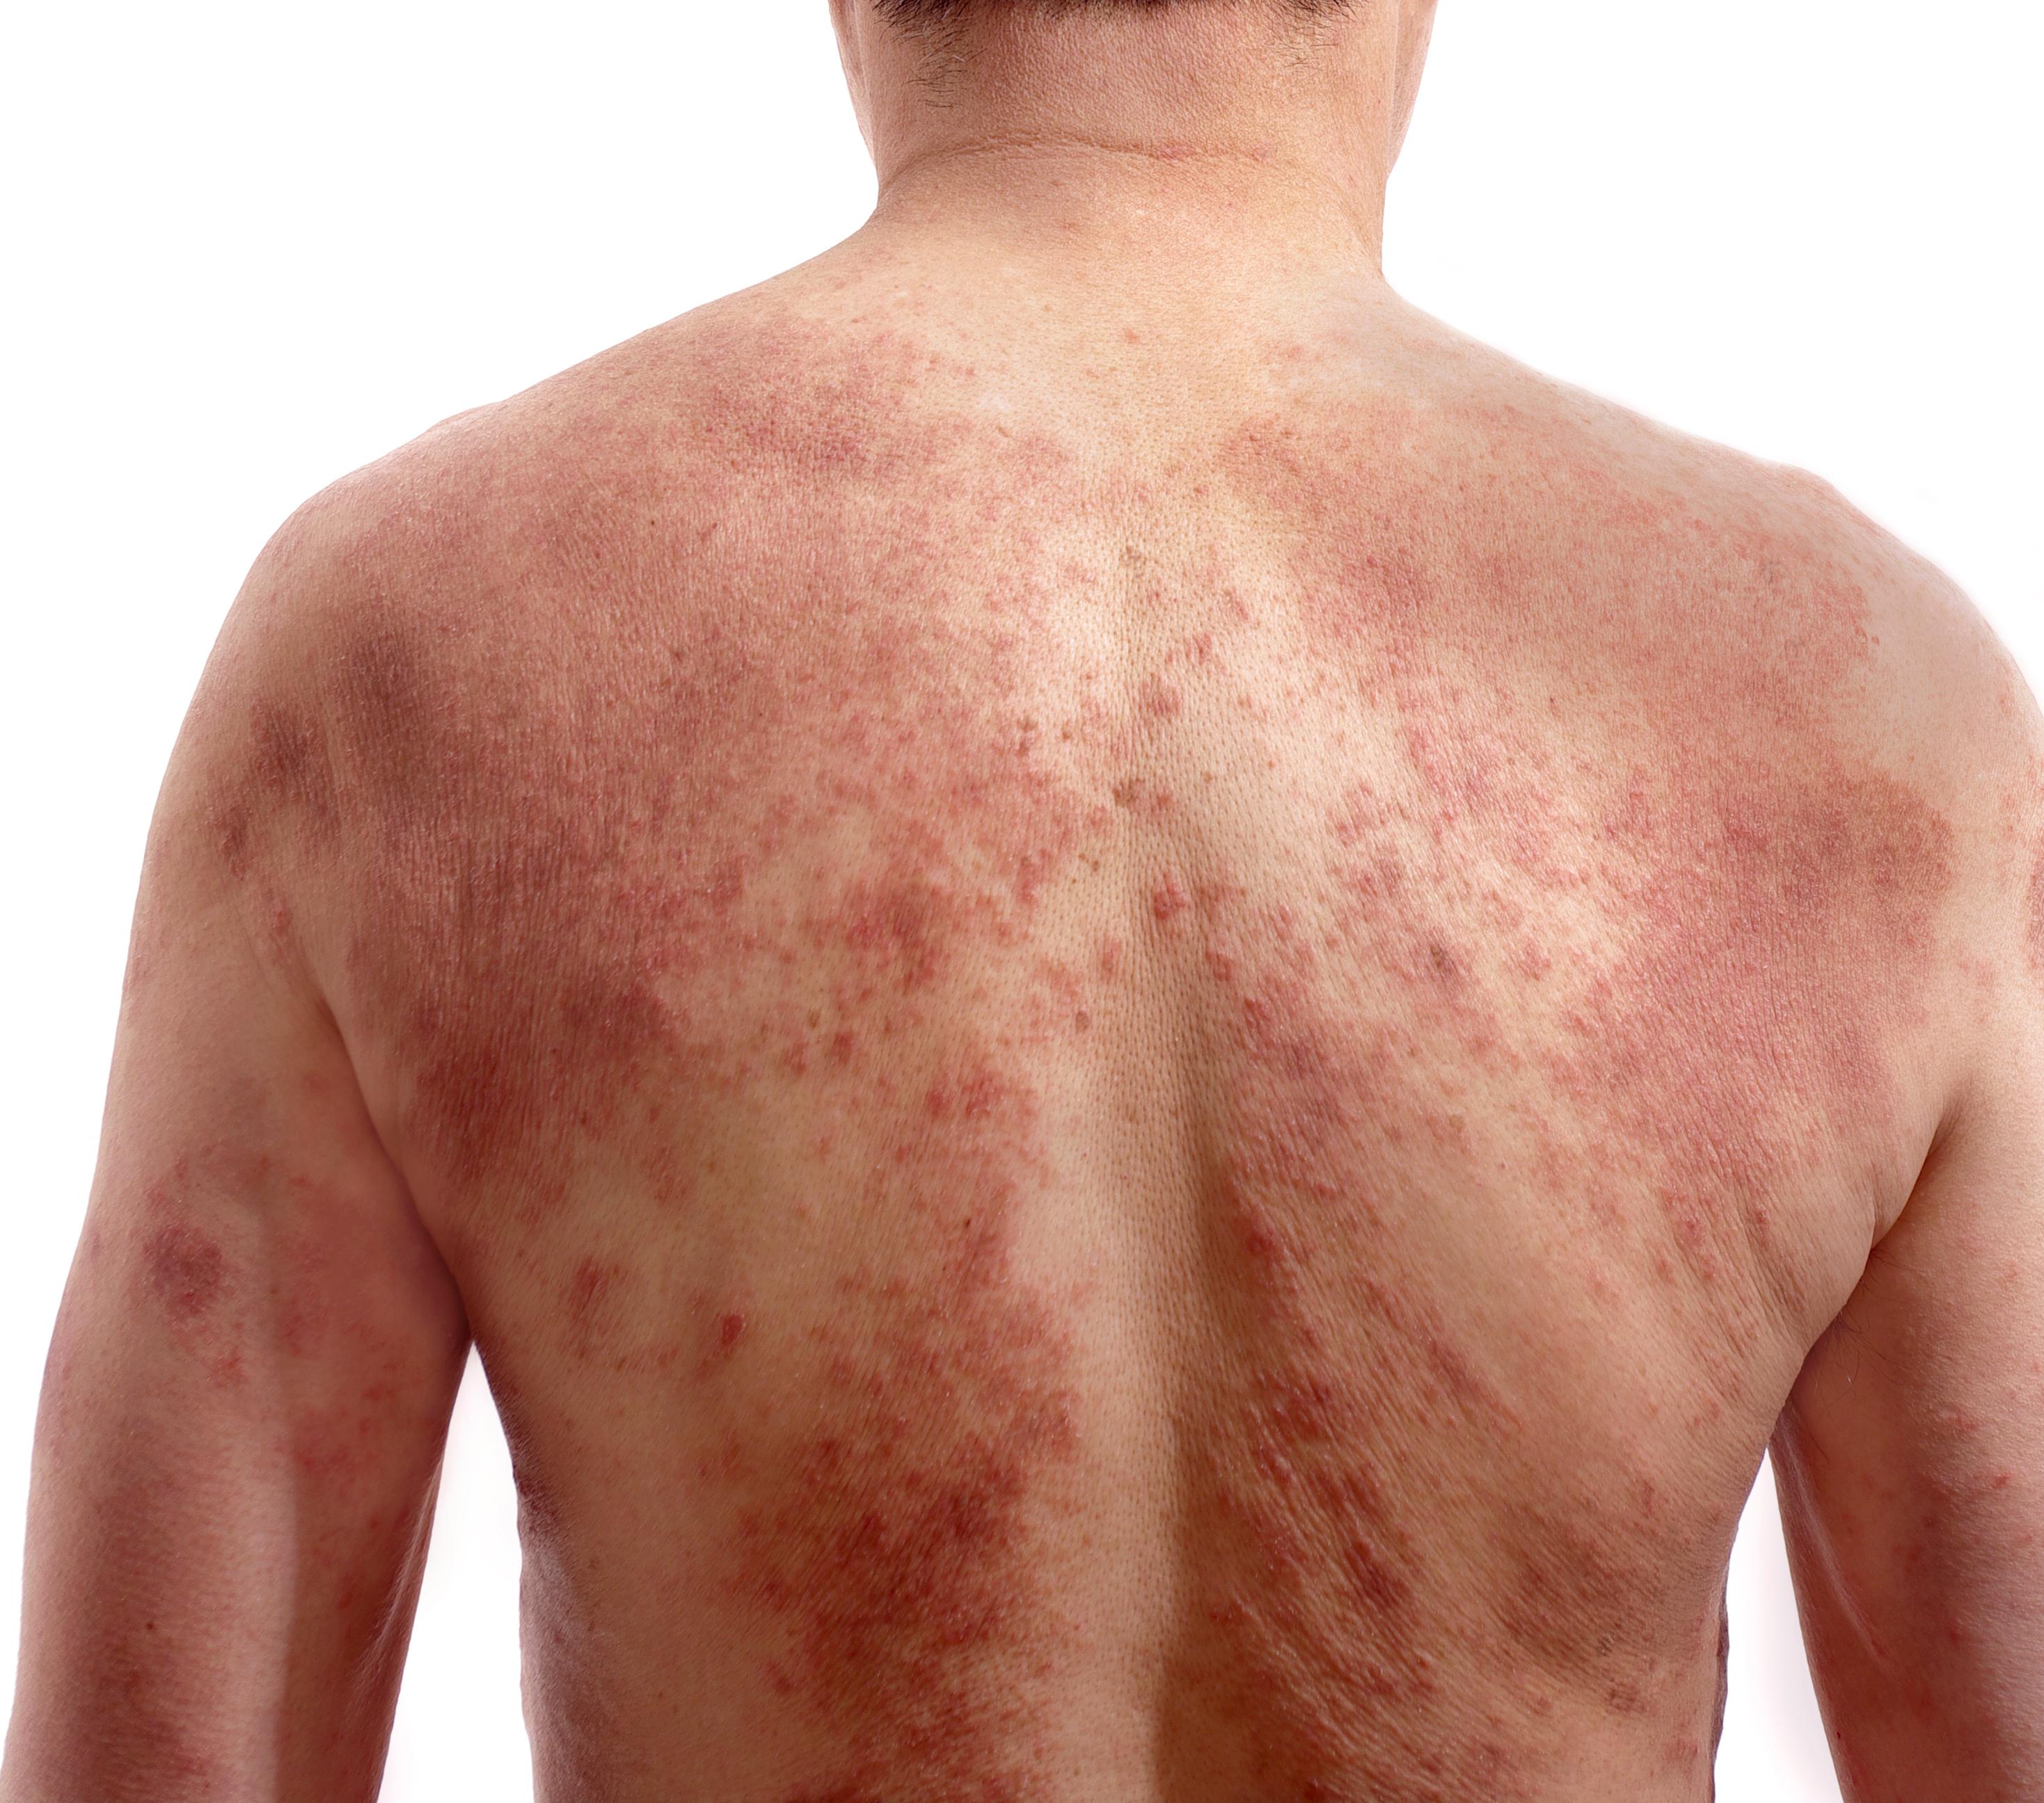 sarampo homem de costas com manchas vermelhas espalhadas pelas costas e bracos